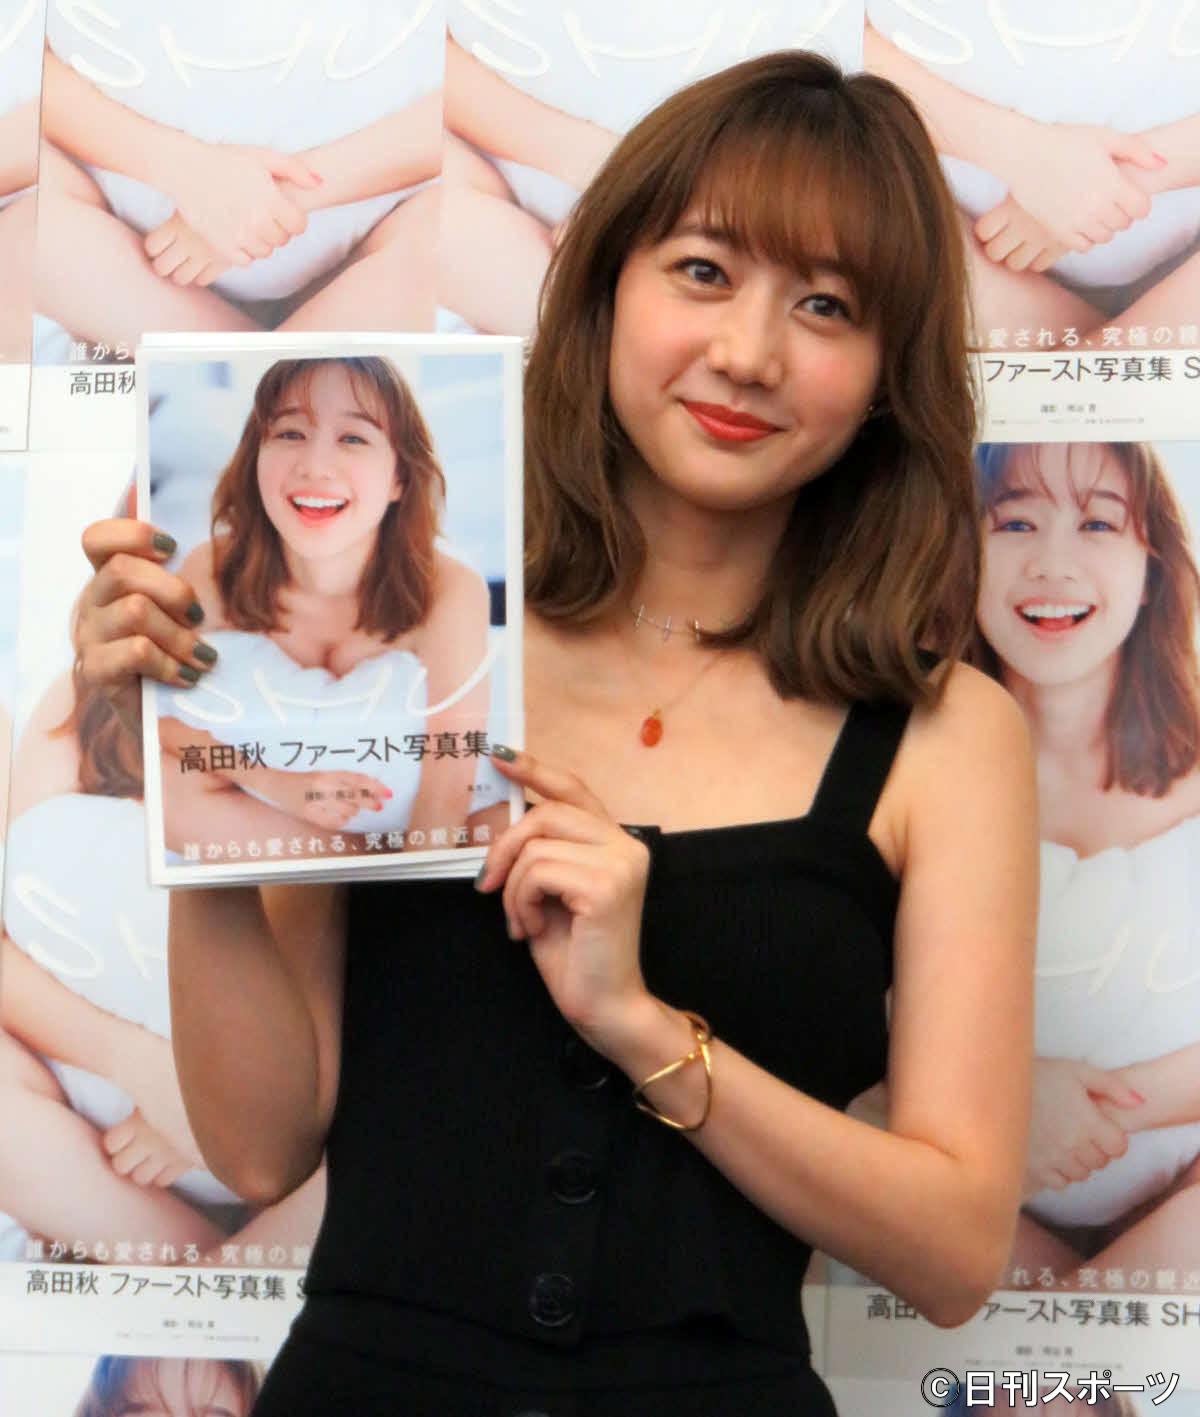 初写真集「SHU」を発売した高田秋